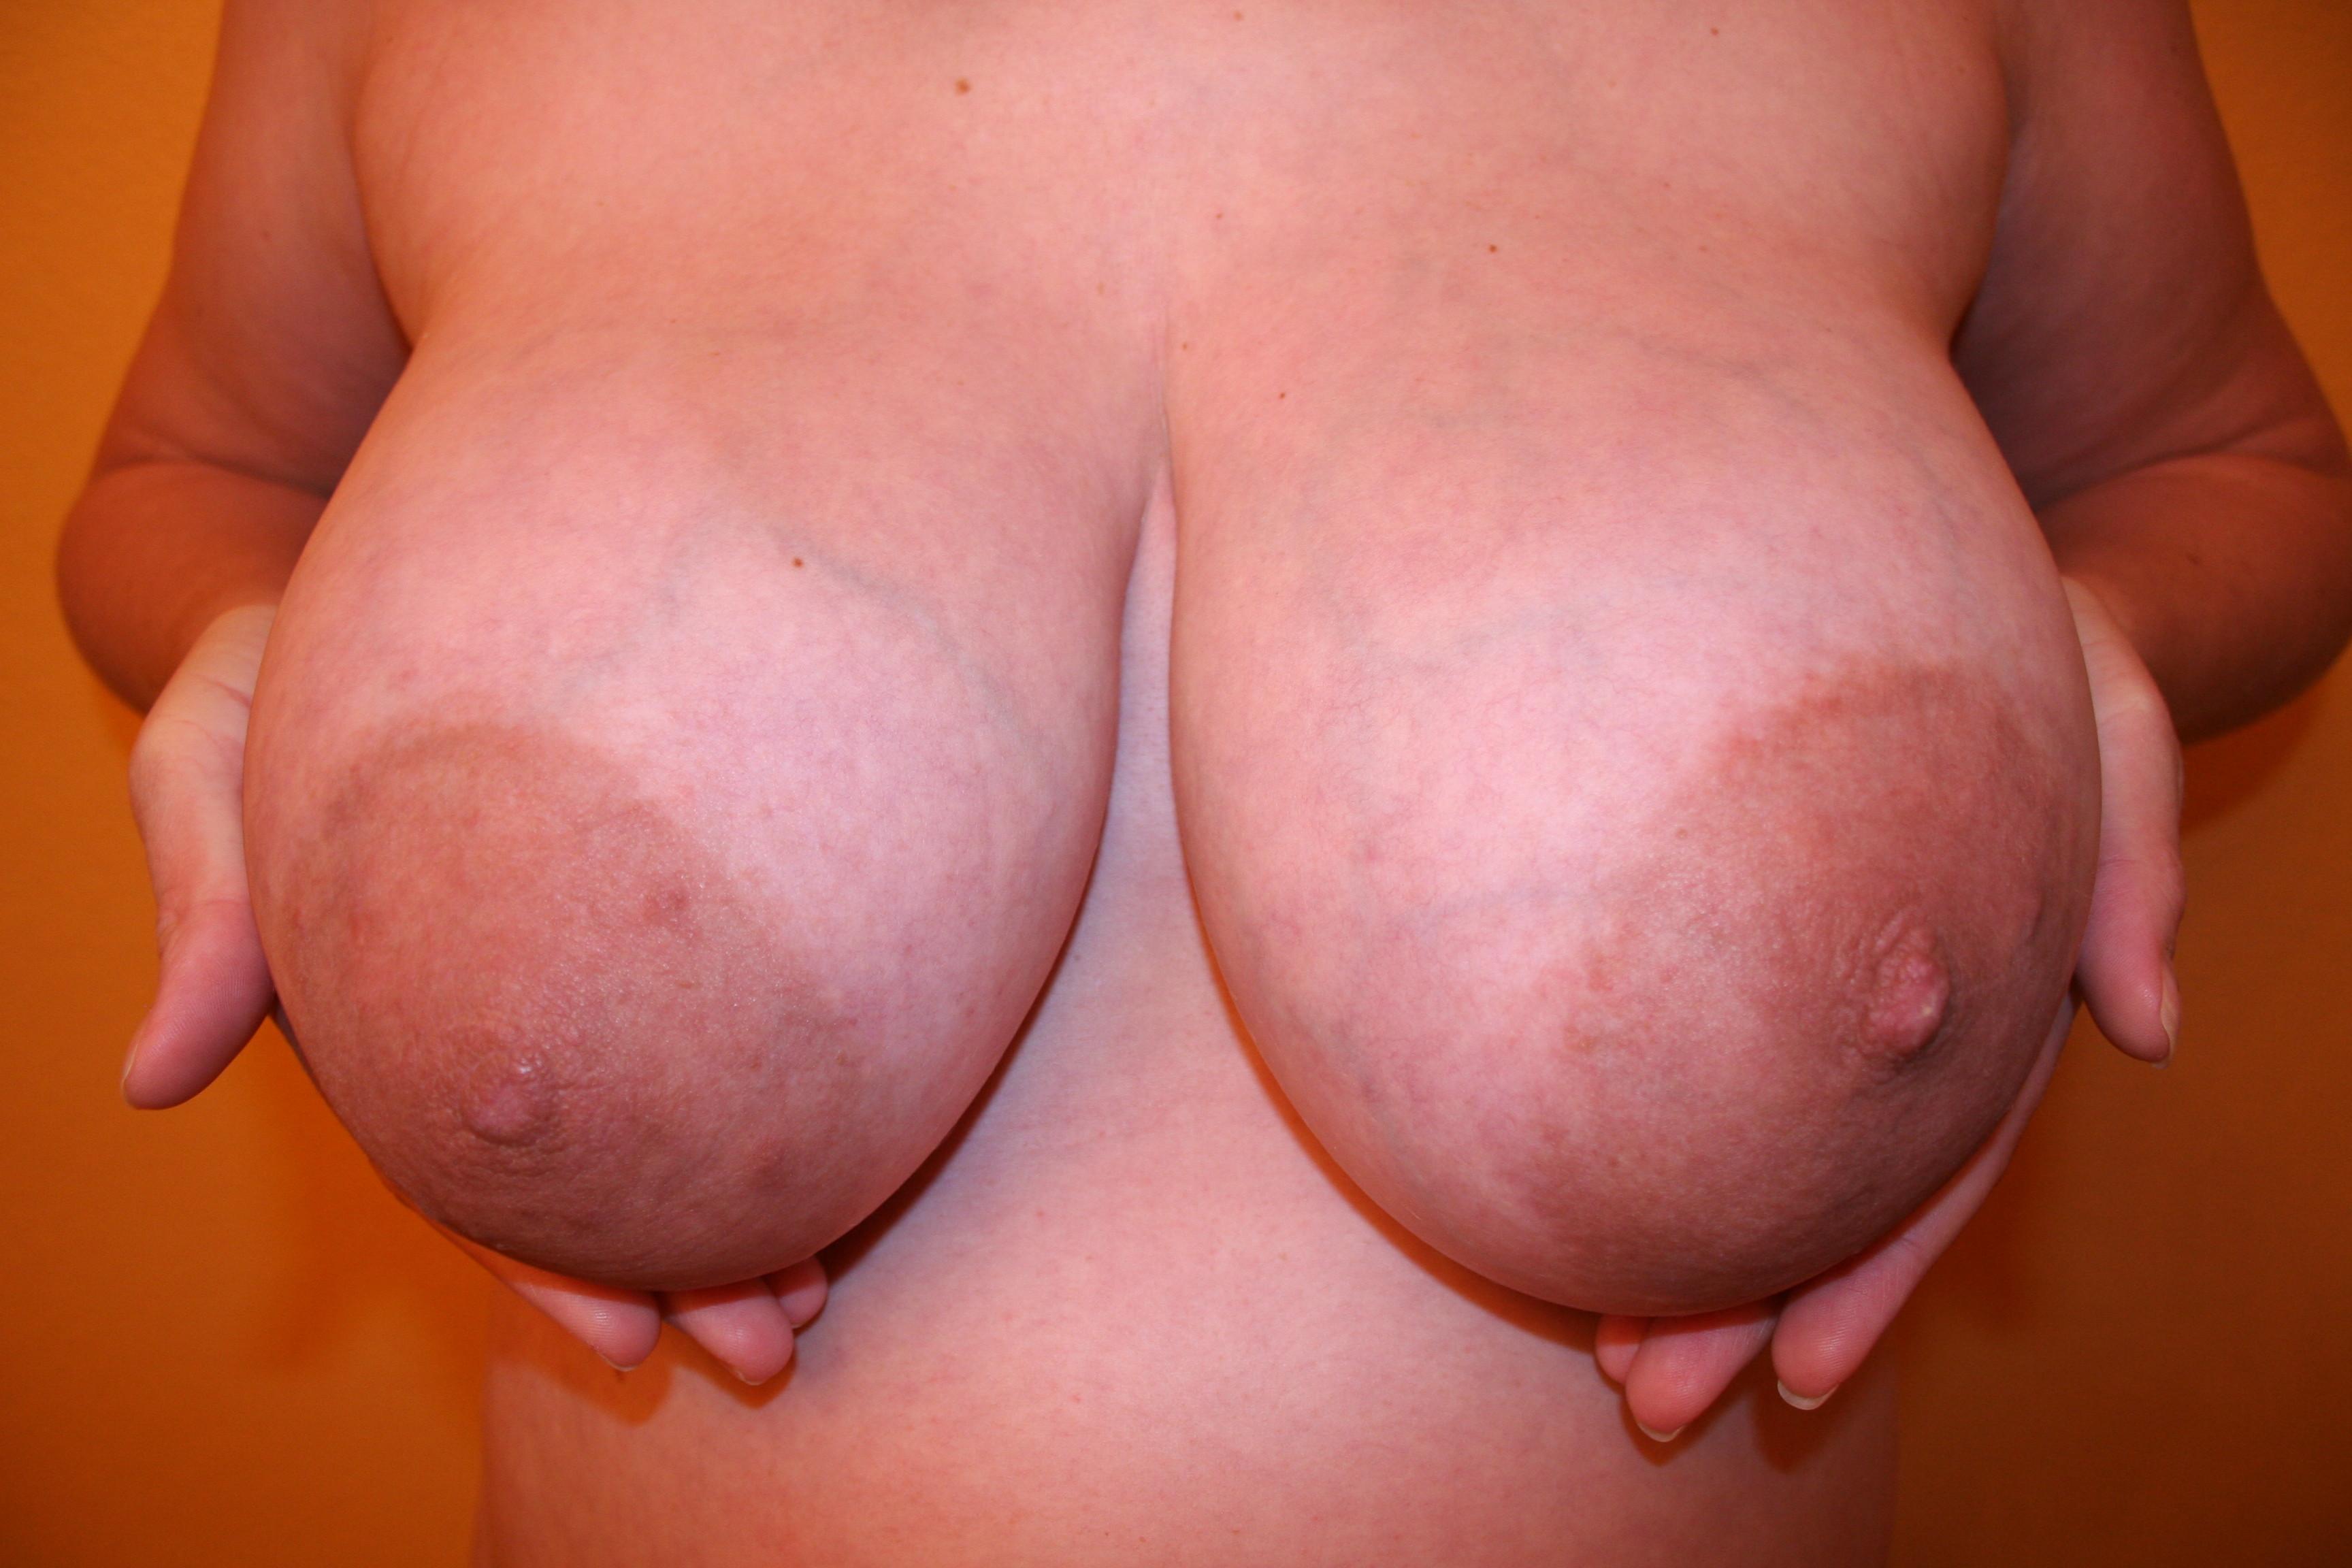 больше выпирали, женская грудь с большим ореолом фото этой